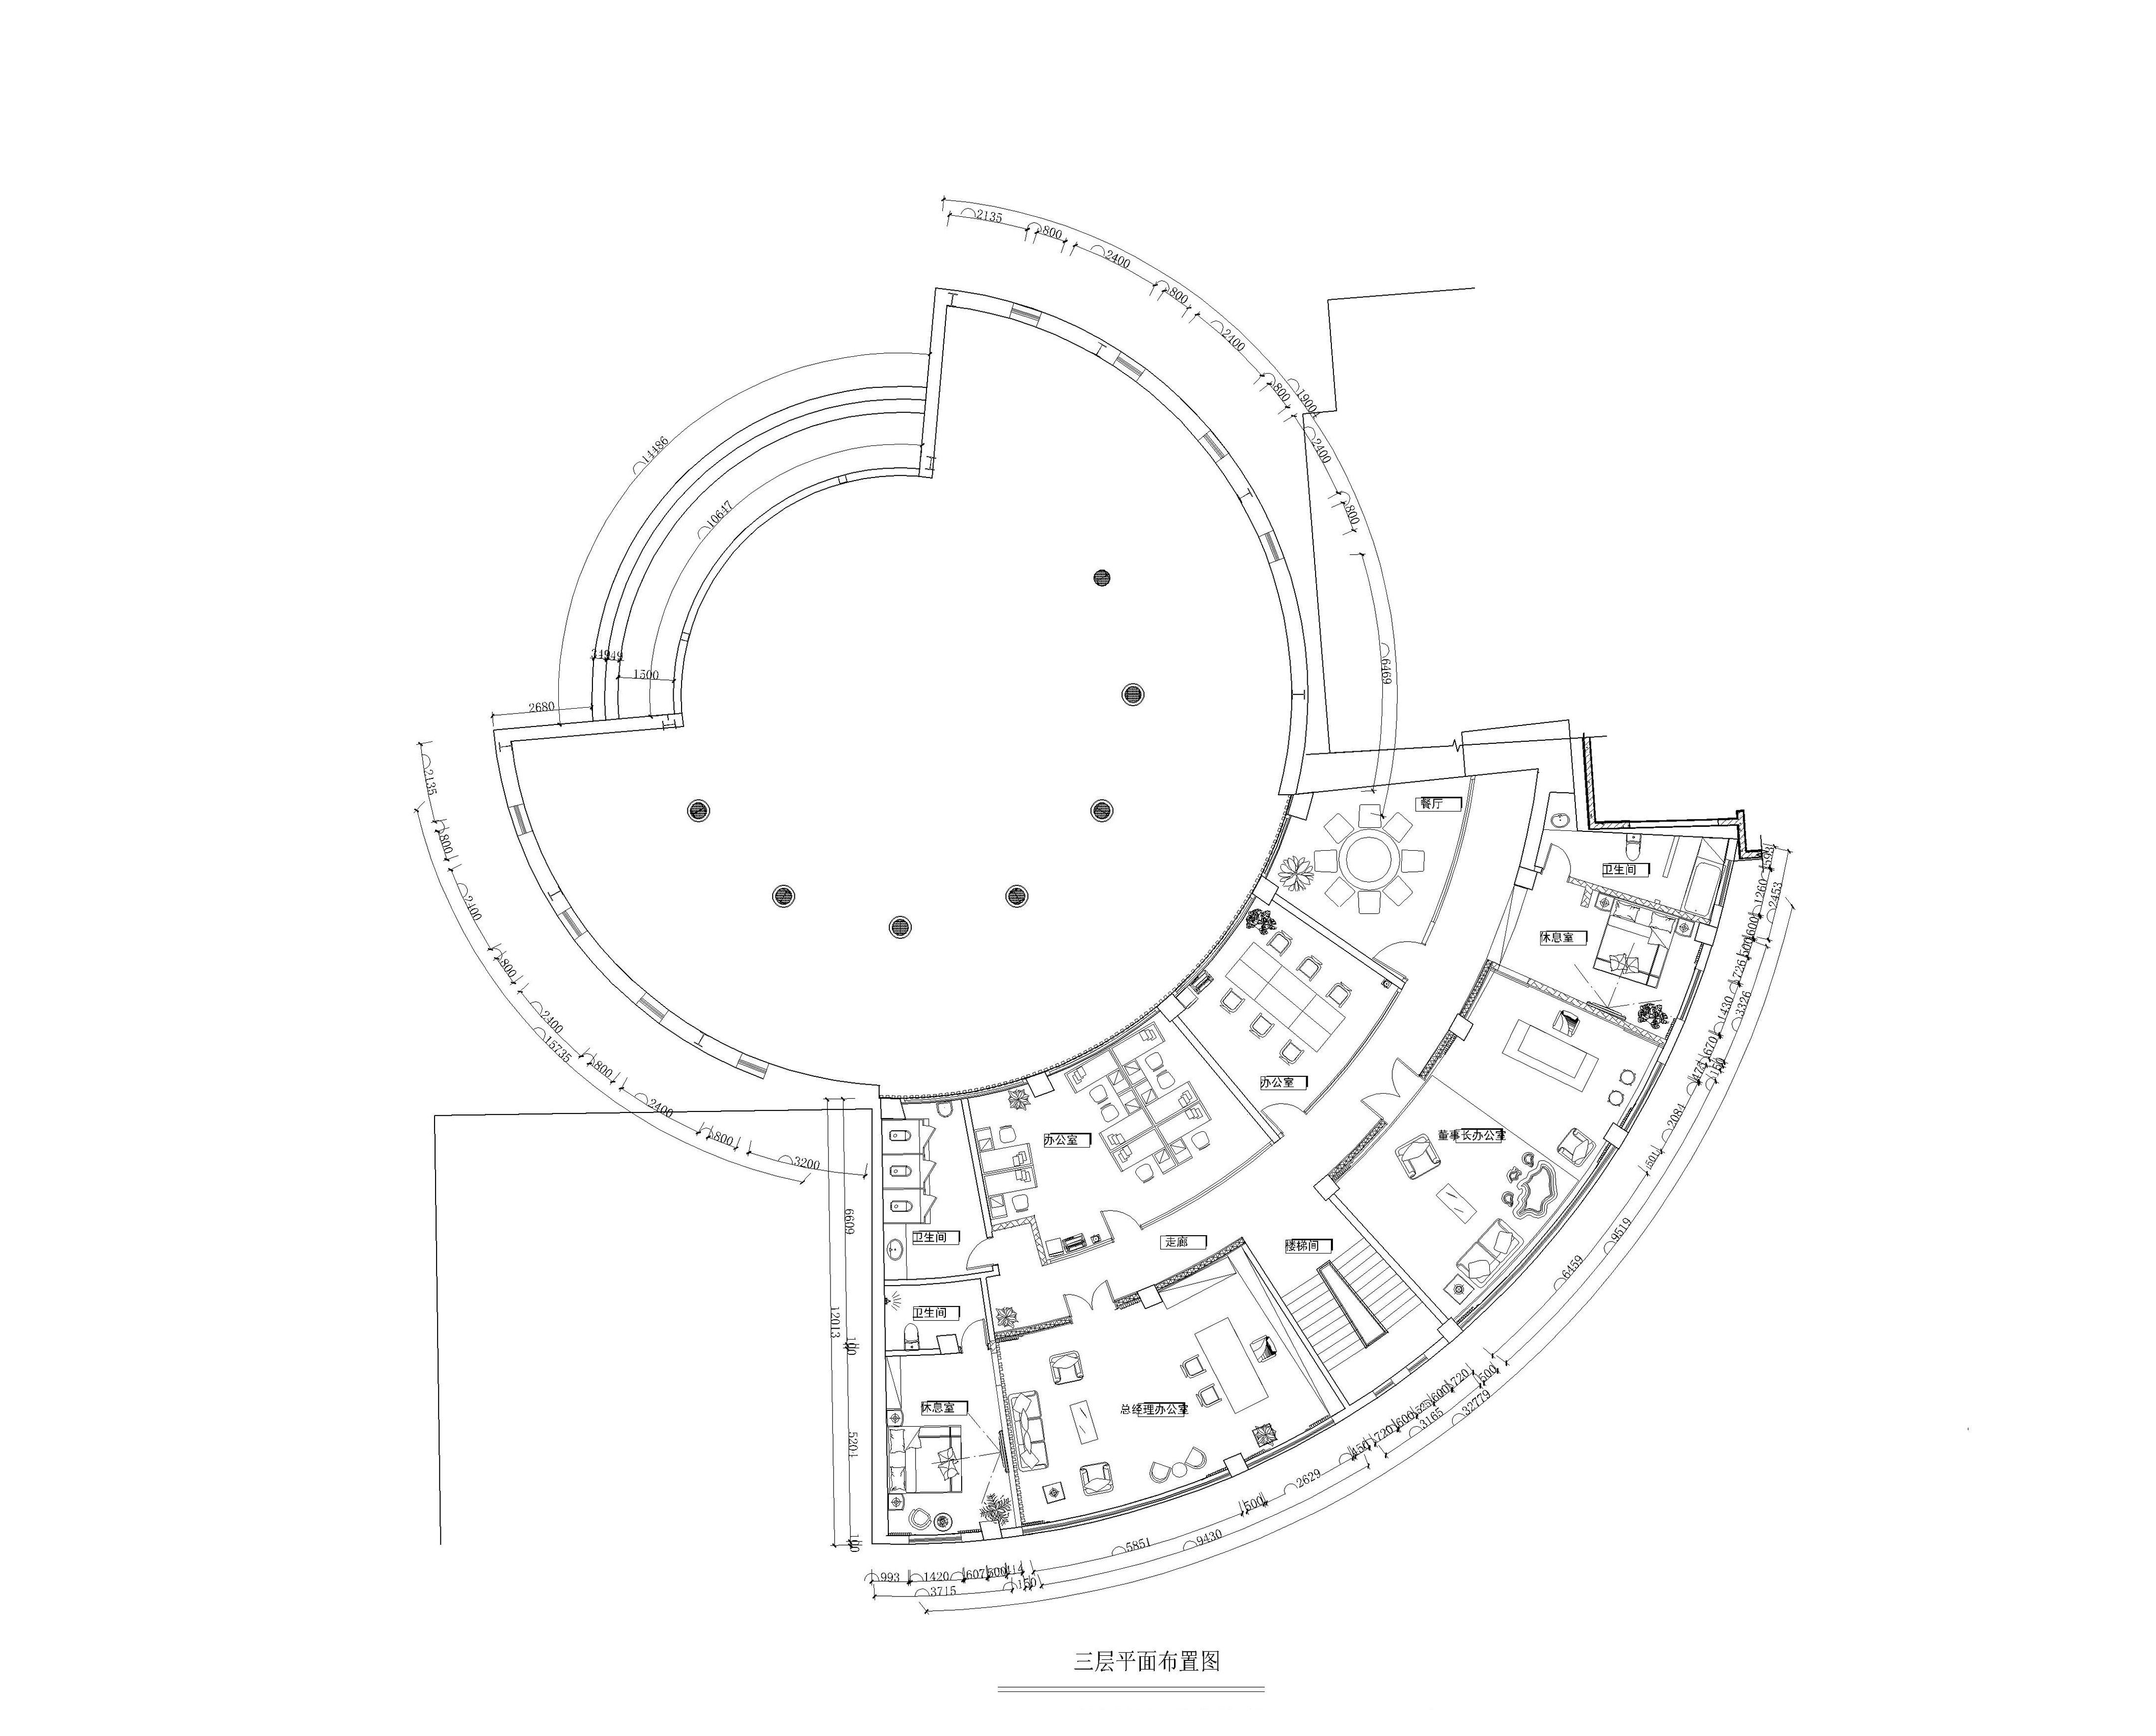 甲方开发项目为欧式建筑形式的住宅小区,售楼位置位于十字路口一角的